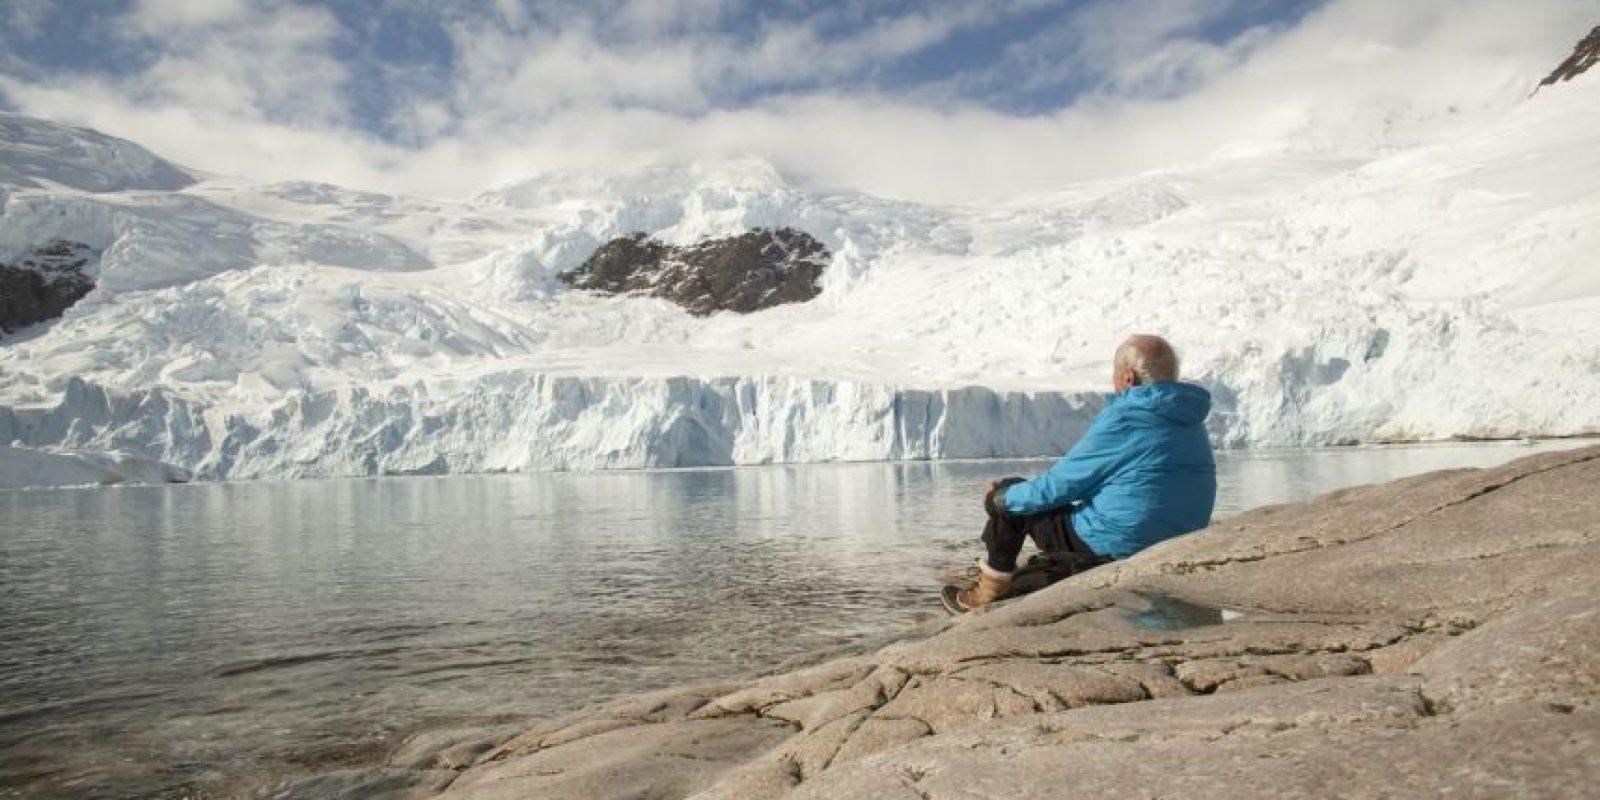 Narra los descubrimientos del científico Claude Lorius, quien estudió la Antártida en 1957 y a través de sus conocimientos busca generar conciencia sobre los peligros que la humanidad impone a su propio planeta. Foto:IMDB